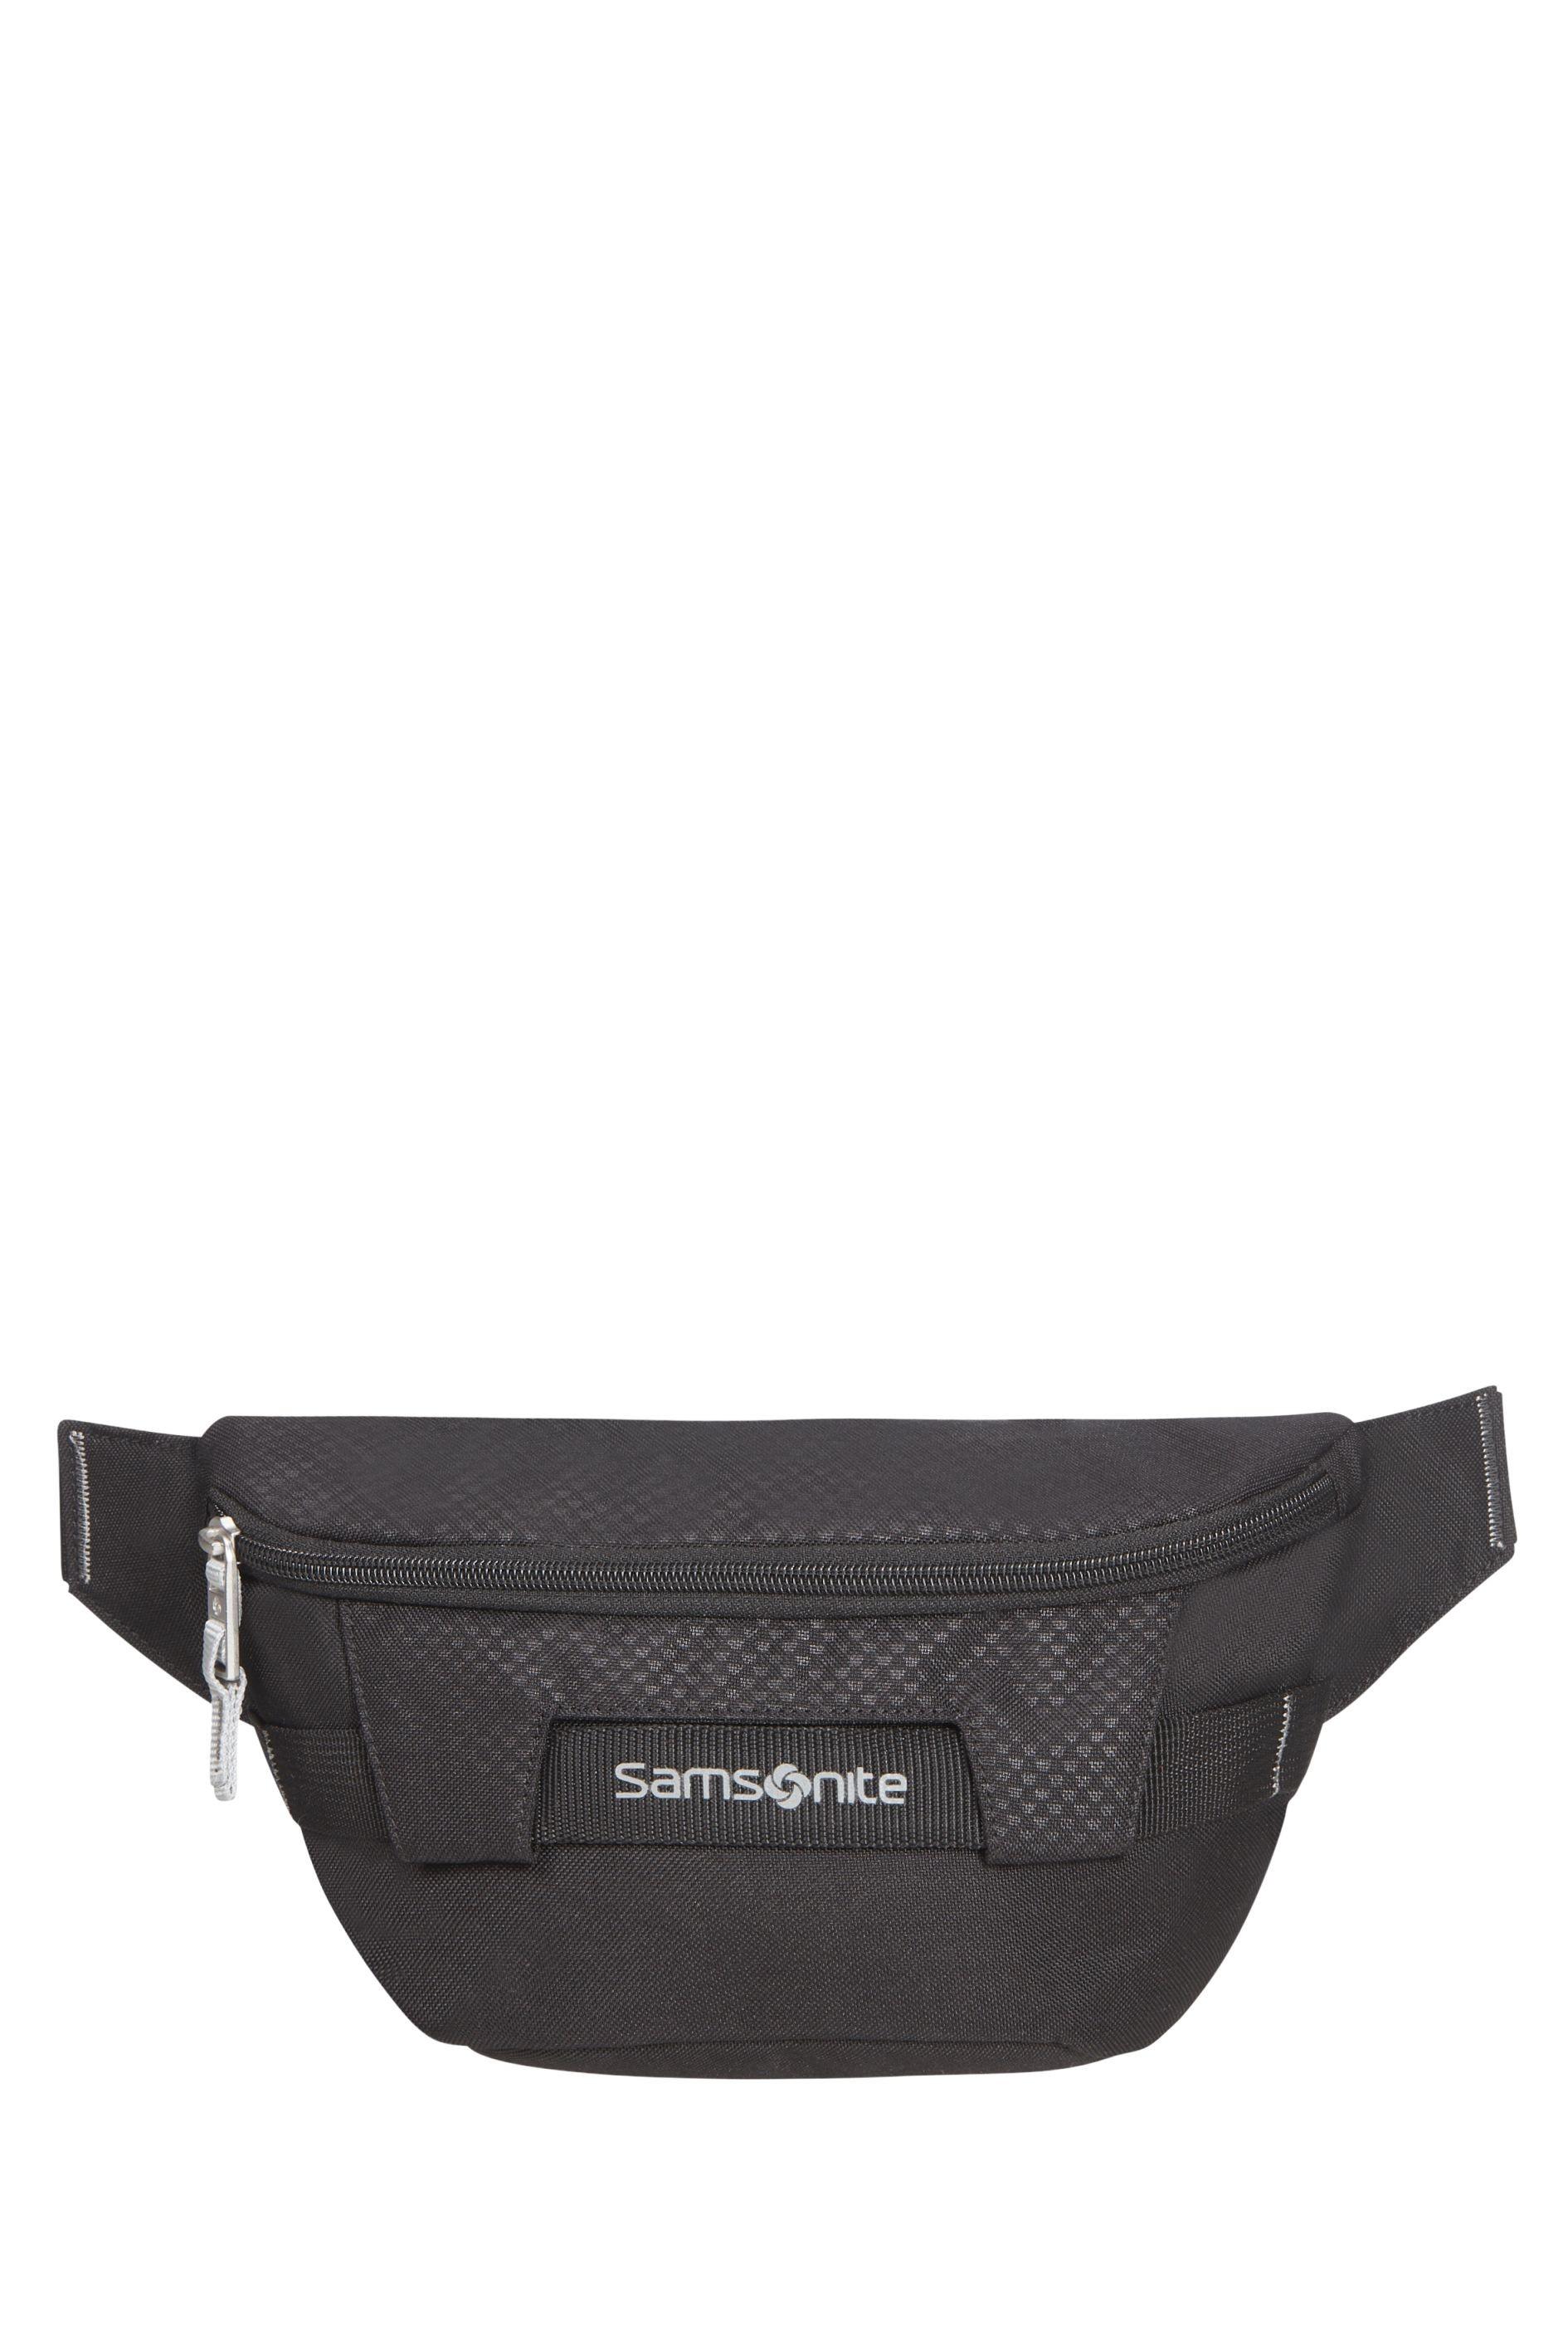 Samsonite Sonora Belt Bag